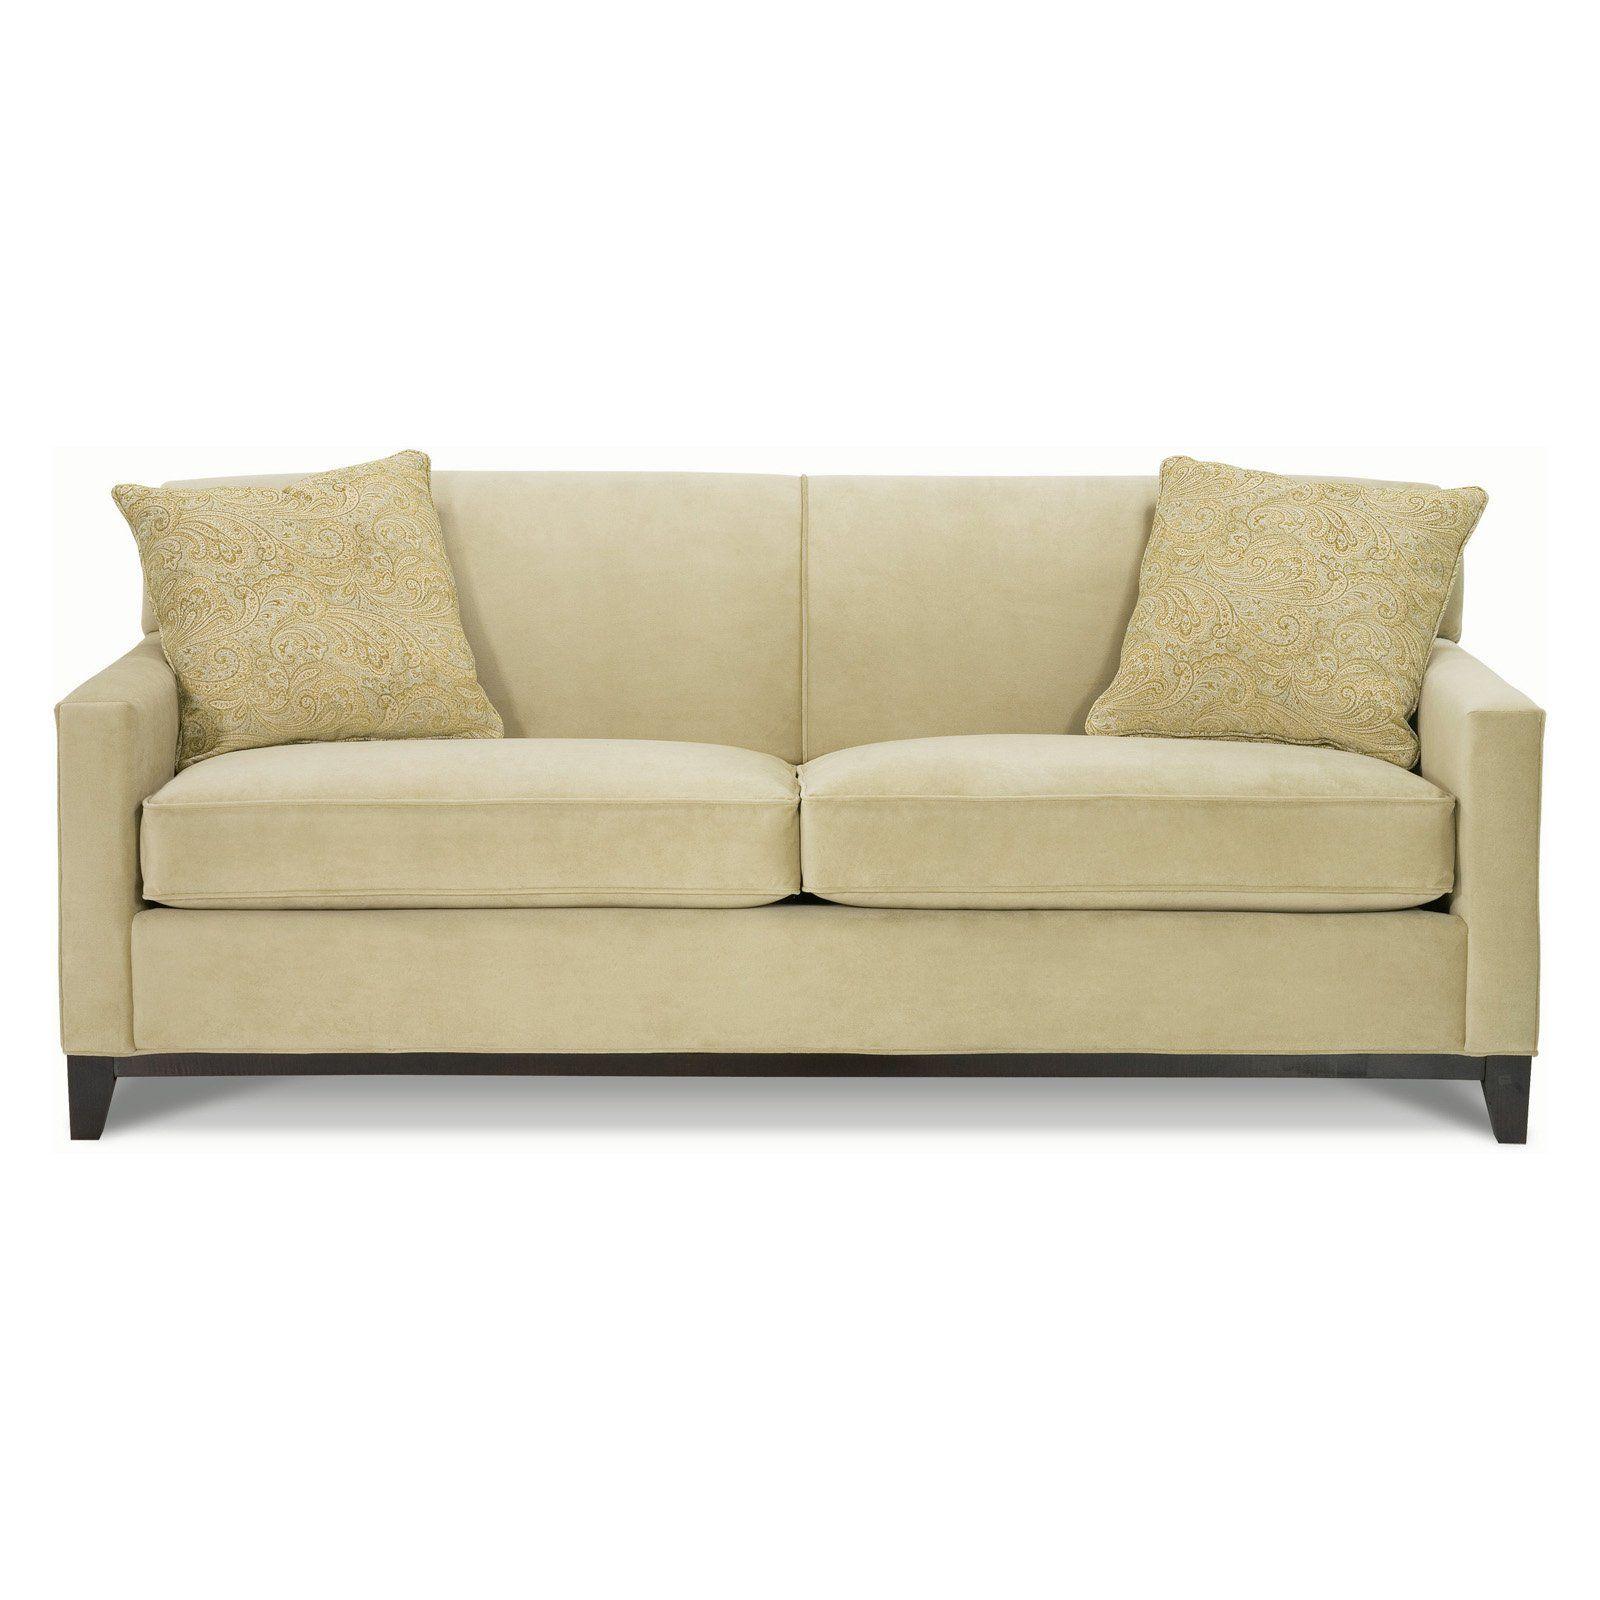 Rowe Martin Queen Sleeper Sofa Pistachio Living Rooms